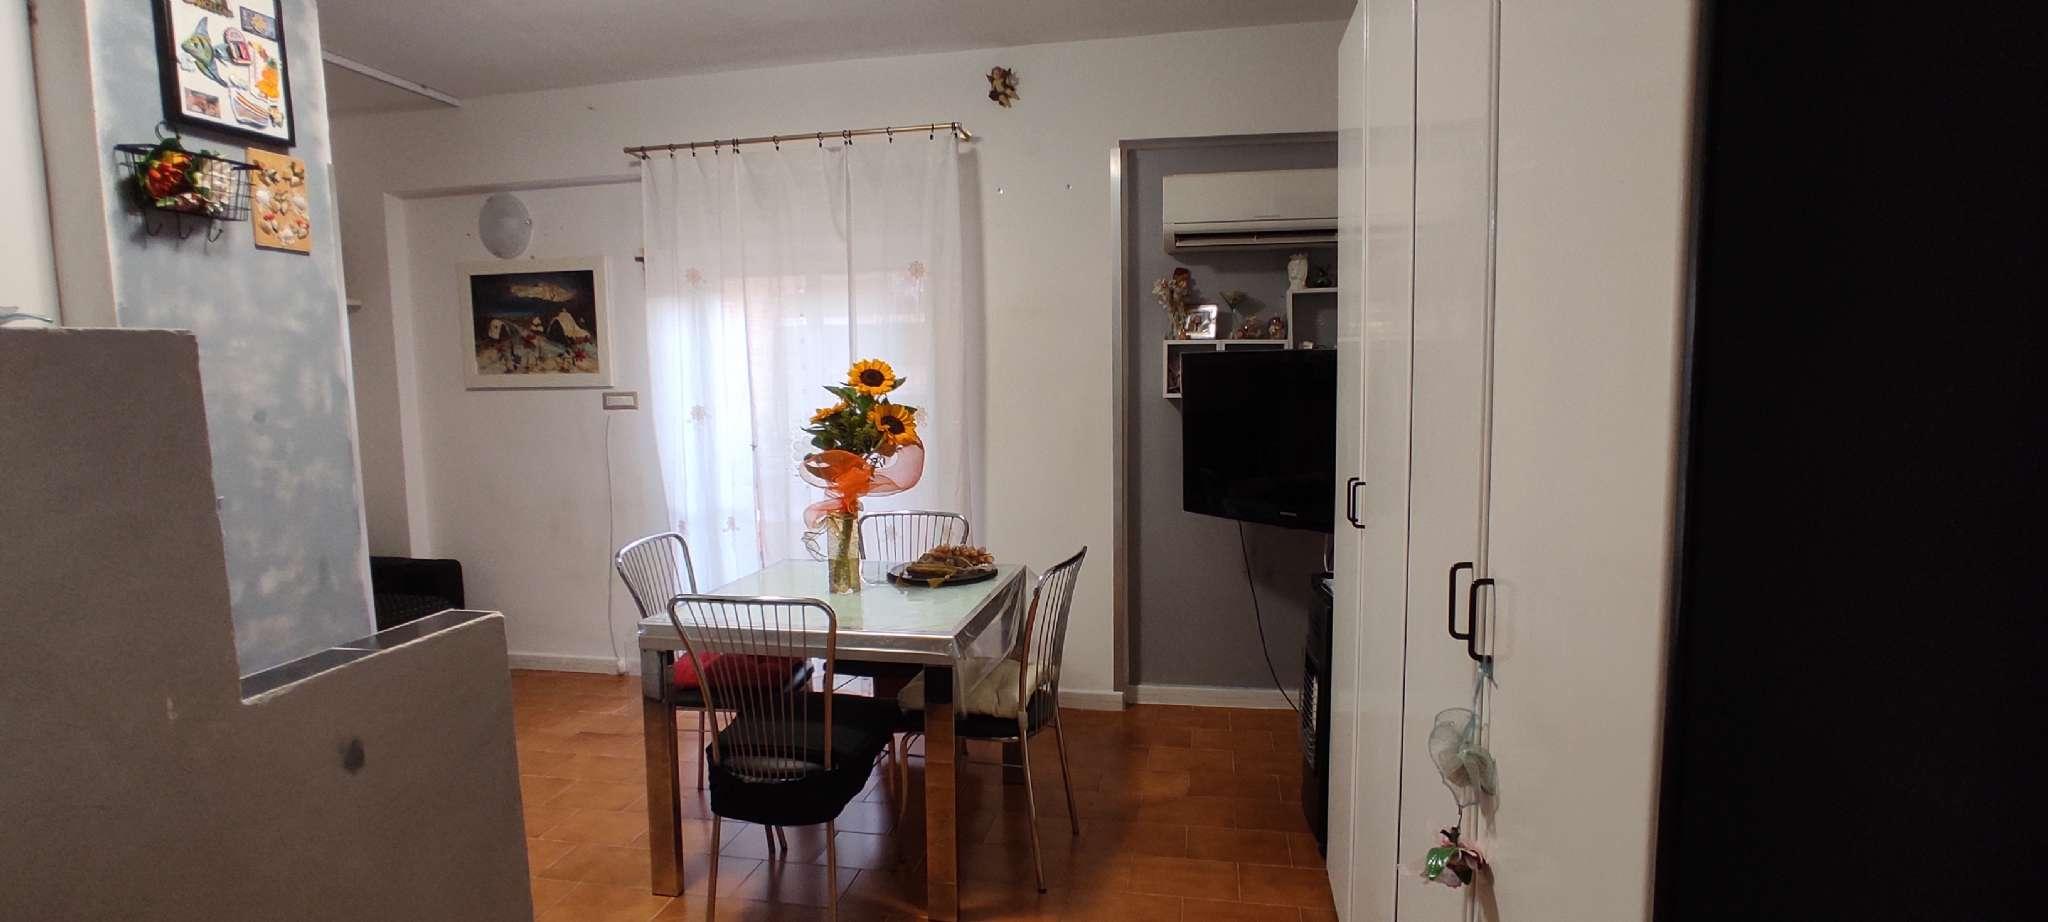 Appartamento in vendita a Spadafora, 3 locali, prezzo € 68.000 | PortaleAgenzieImmobiliari.it